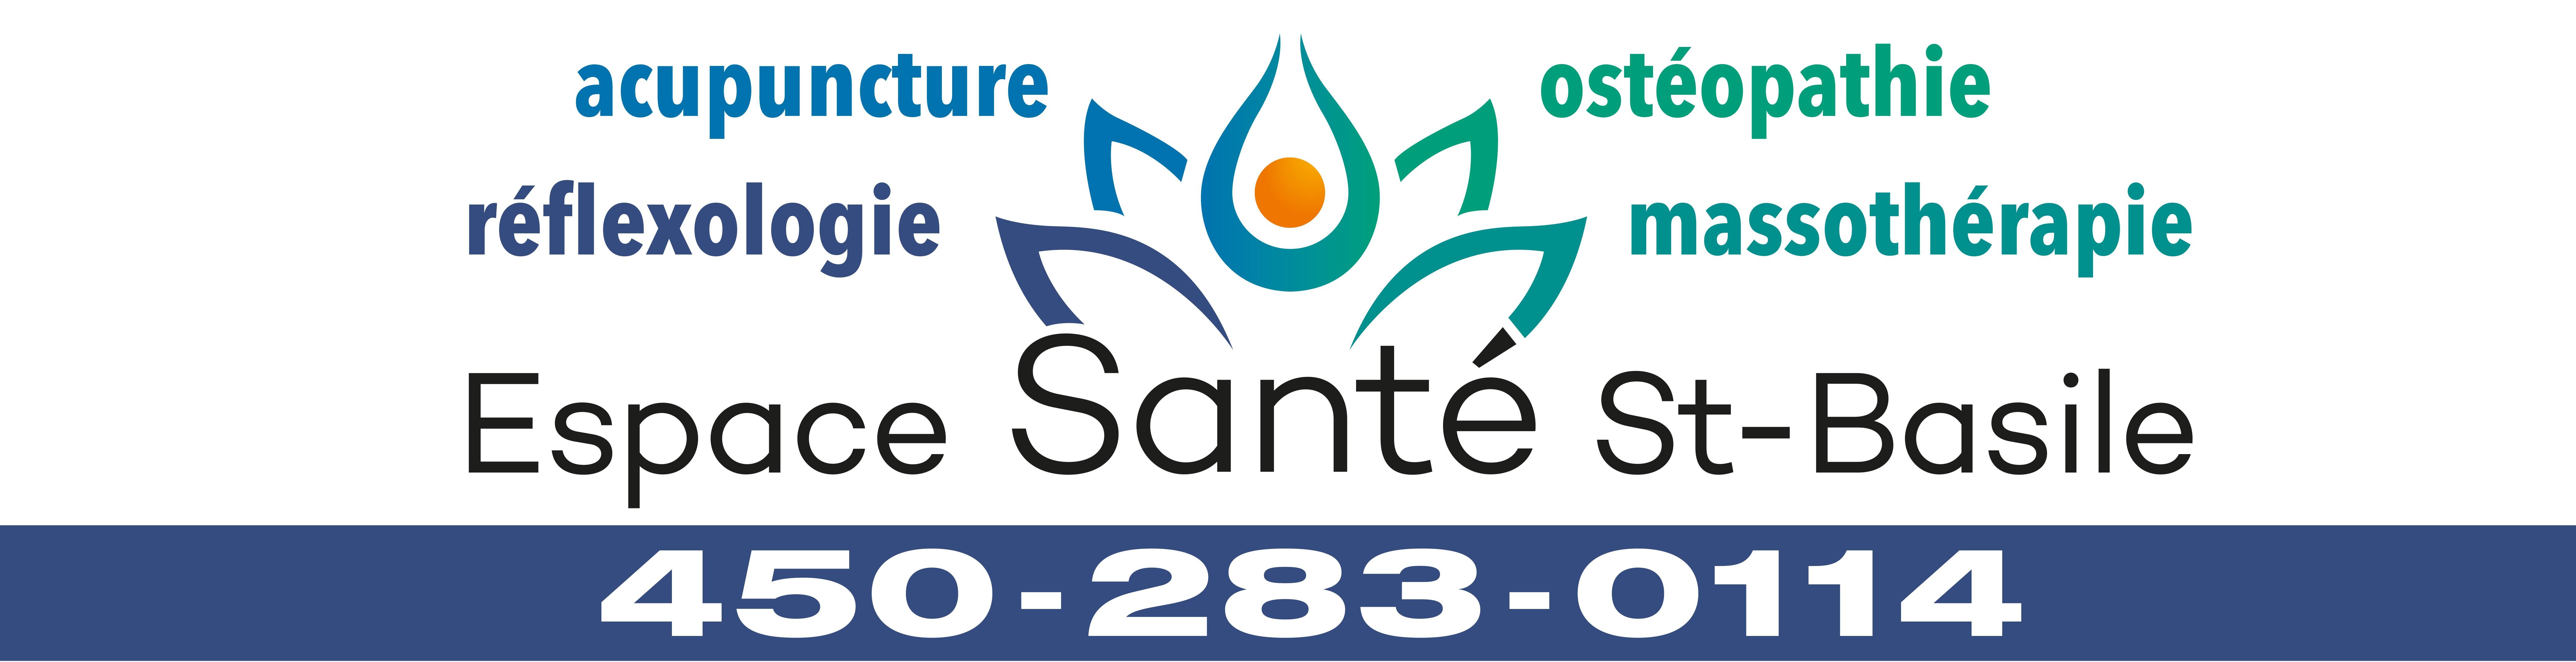 Espace Santé St-Basile